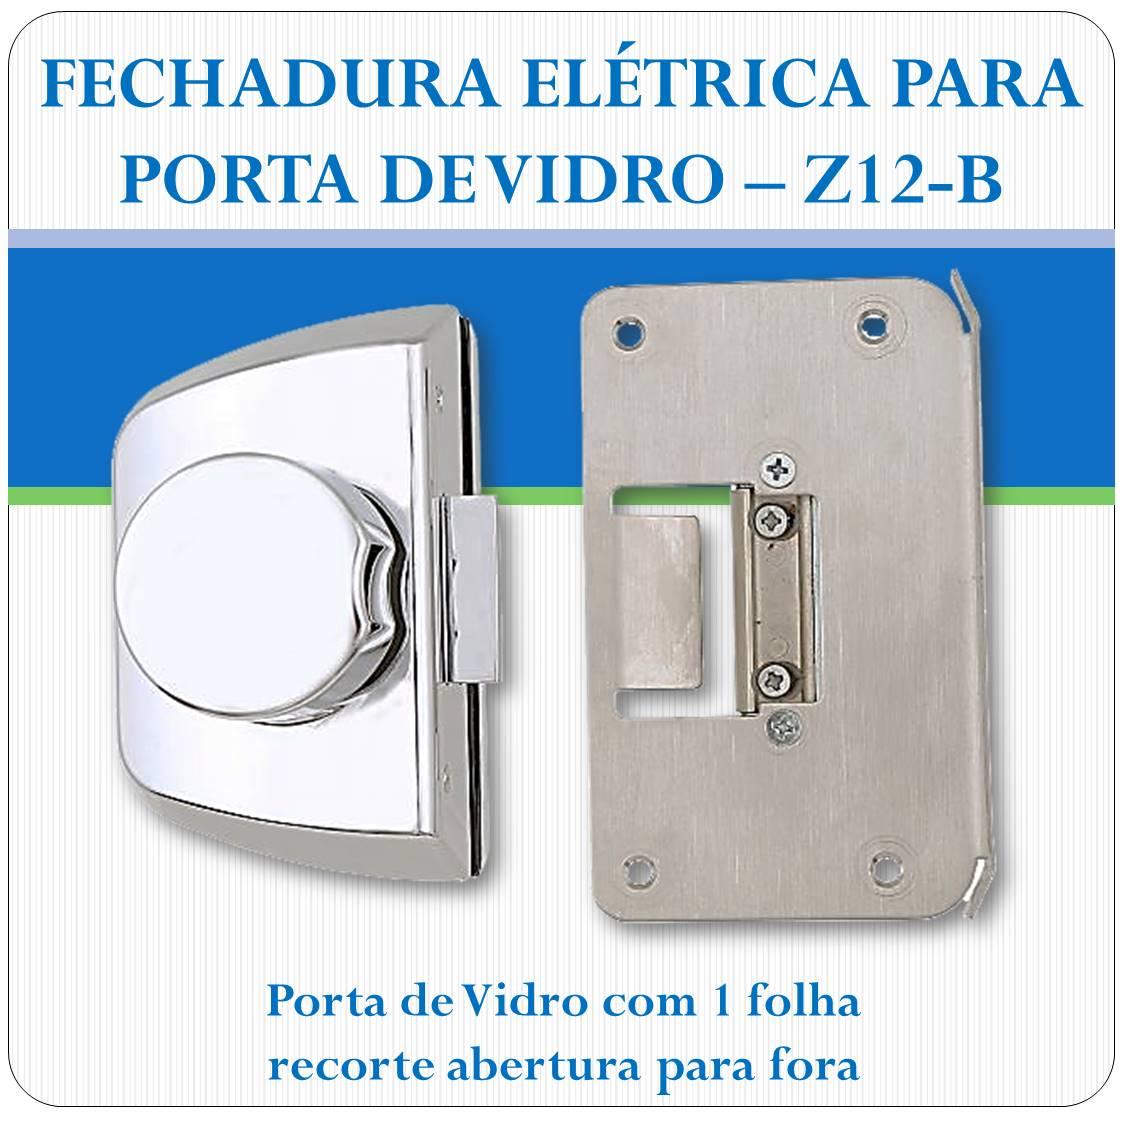 Fechadura Eletrica Porta de Vidro - Z-12B